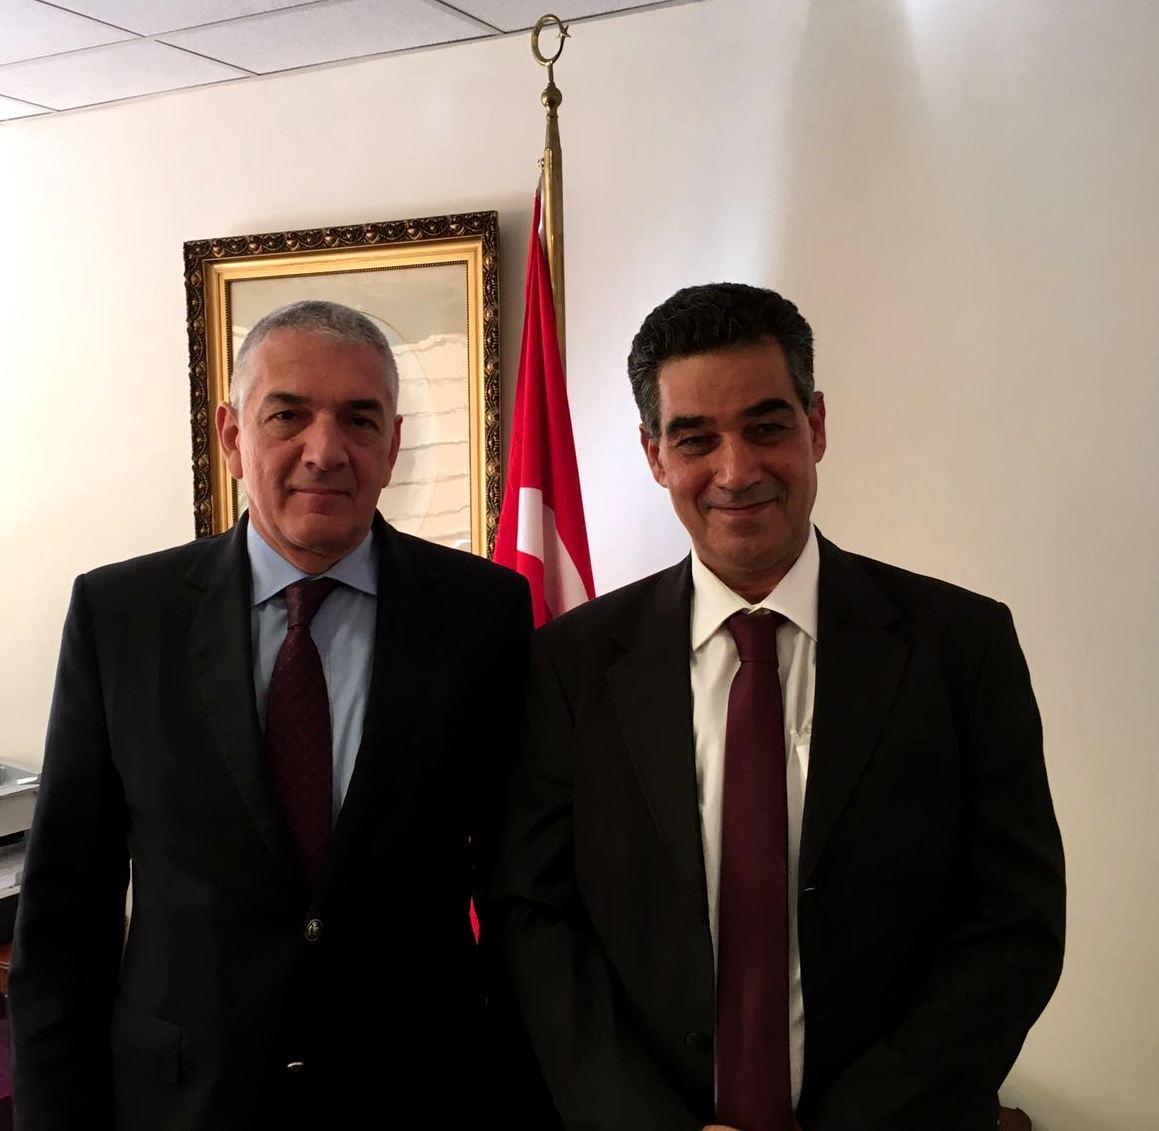 Ghedira y embajador turco